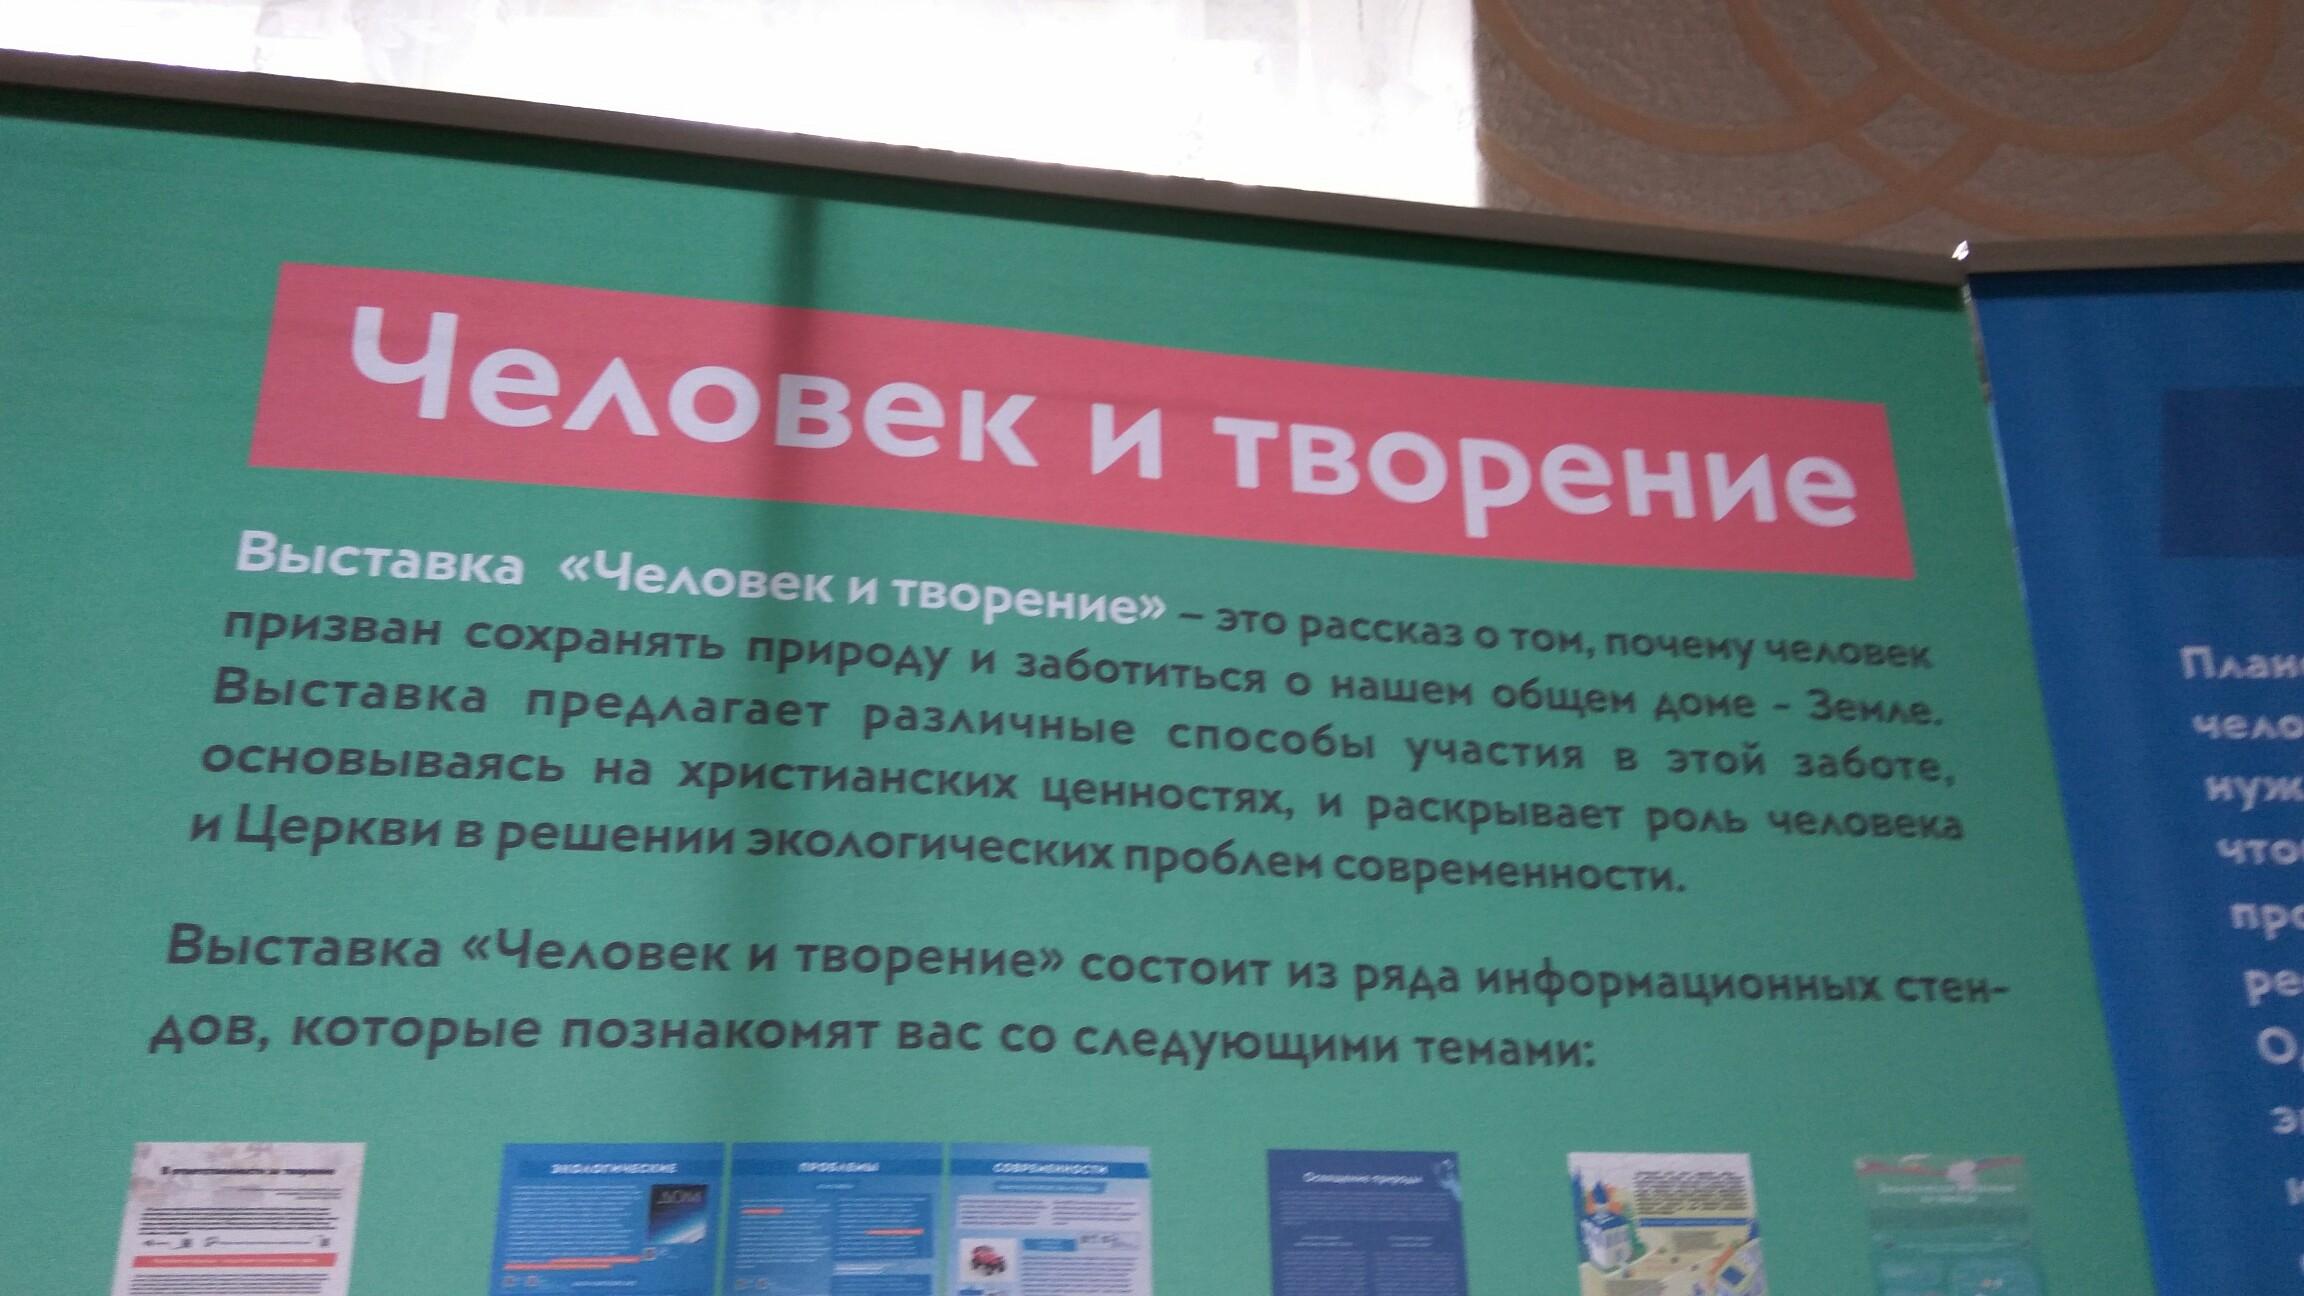 """Экологическая выставка """" Человек и творение"""""""